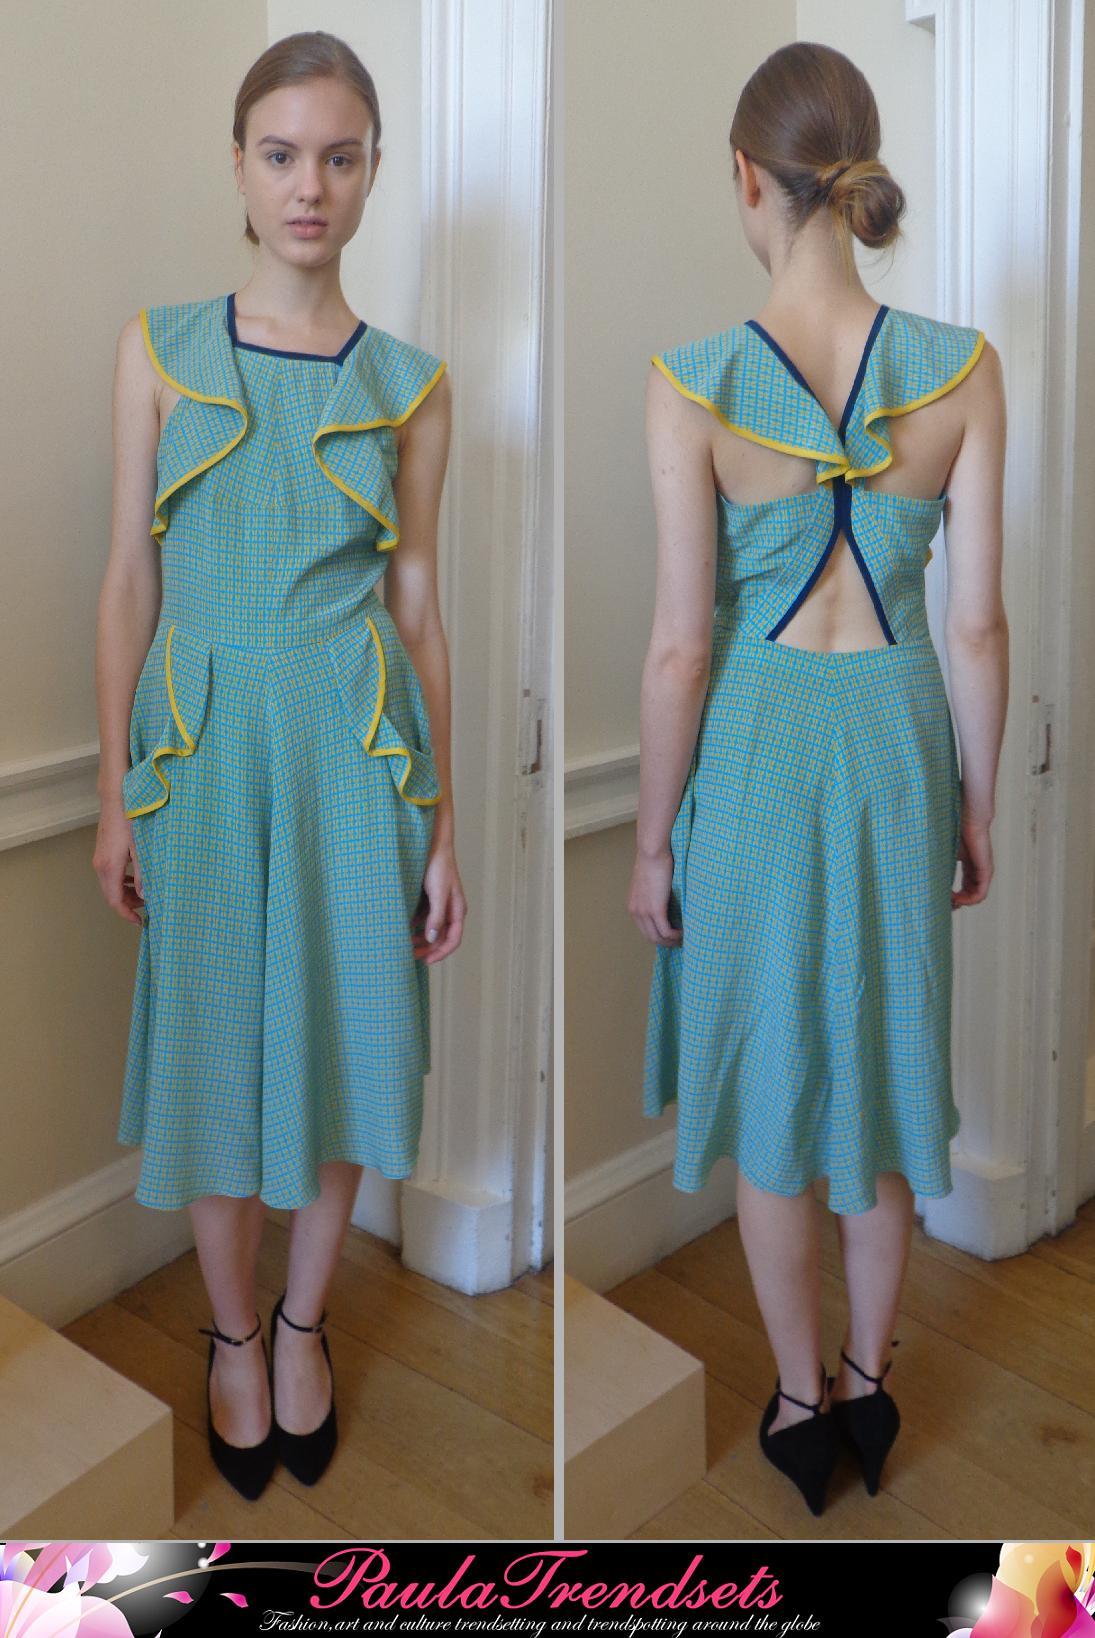 Dress of the week: by Vilshenko